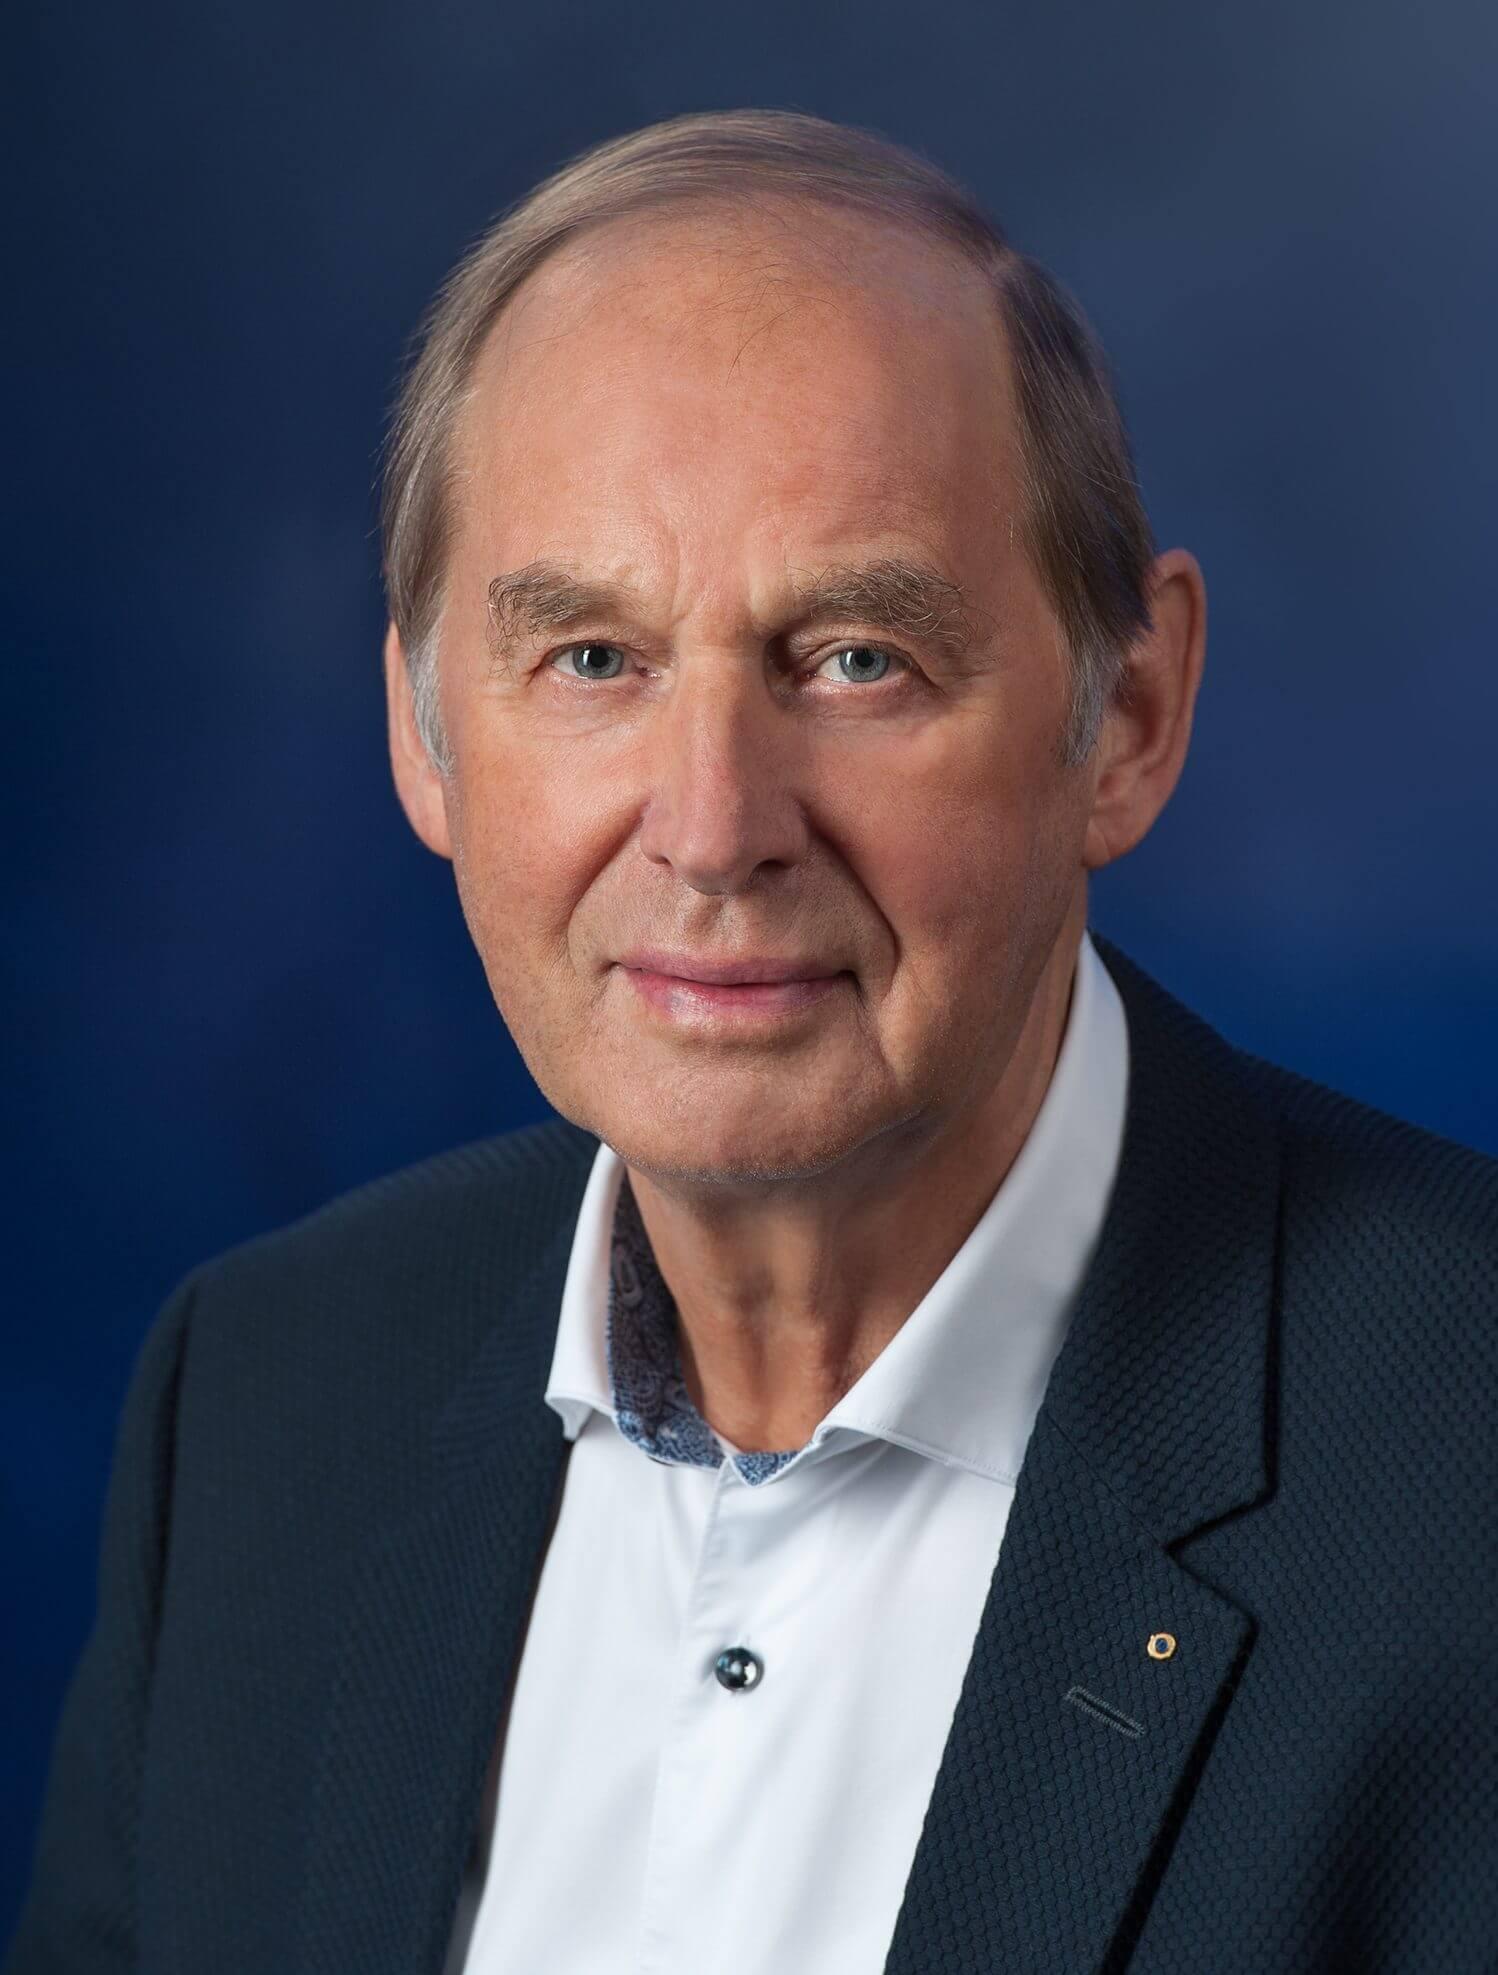 Franz-Winkelbauer